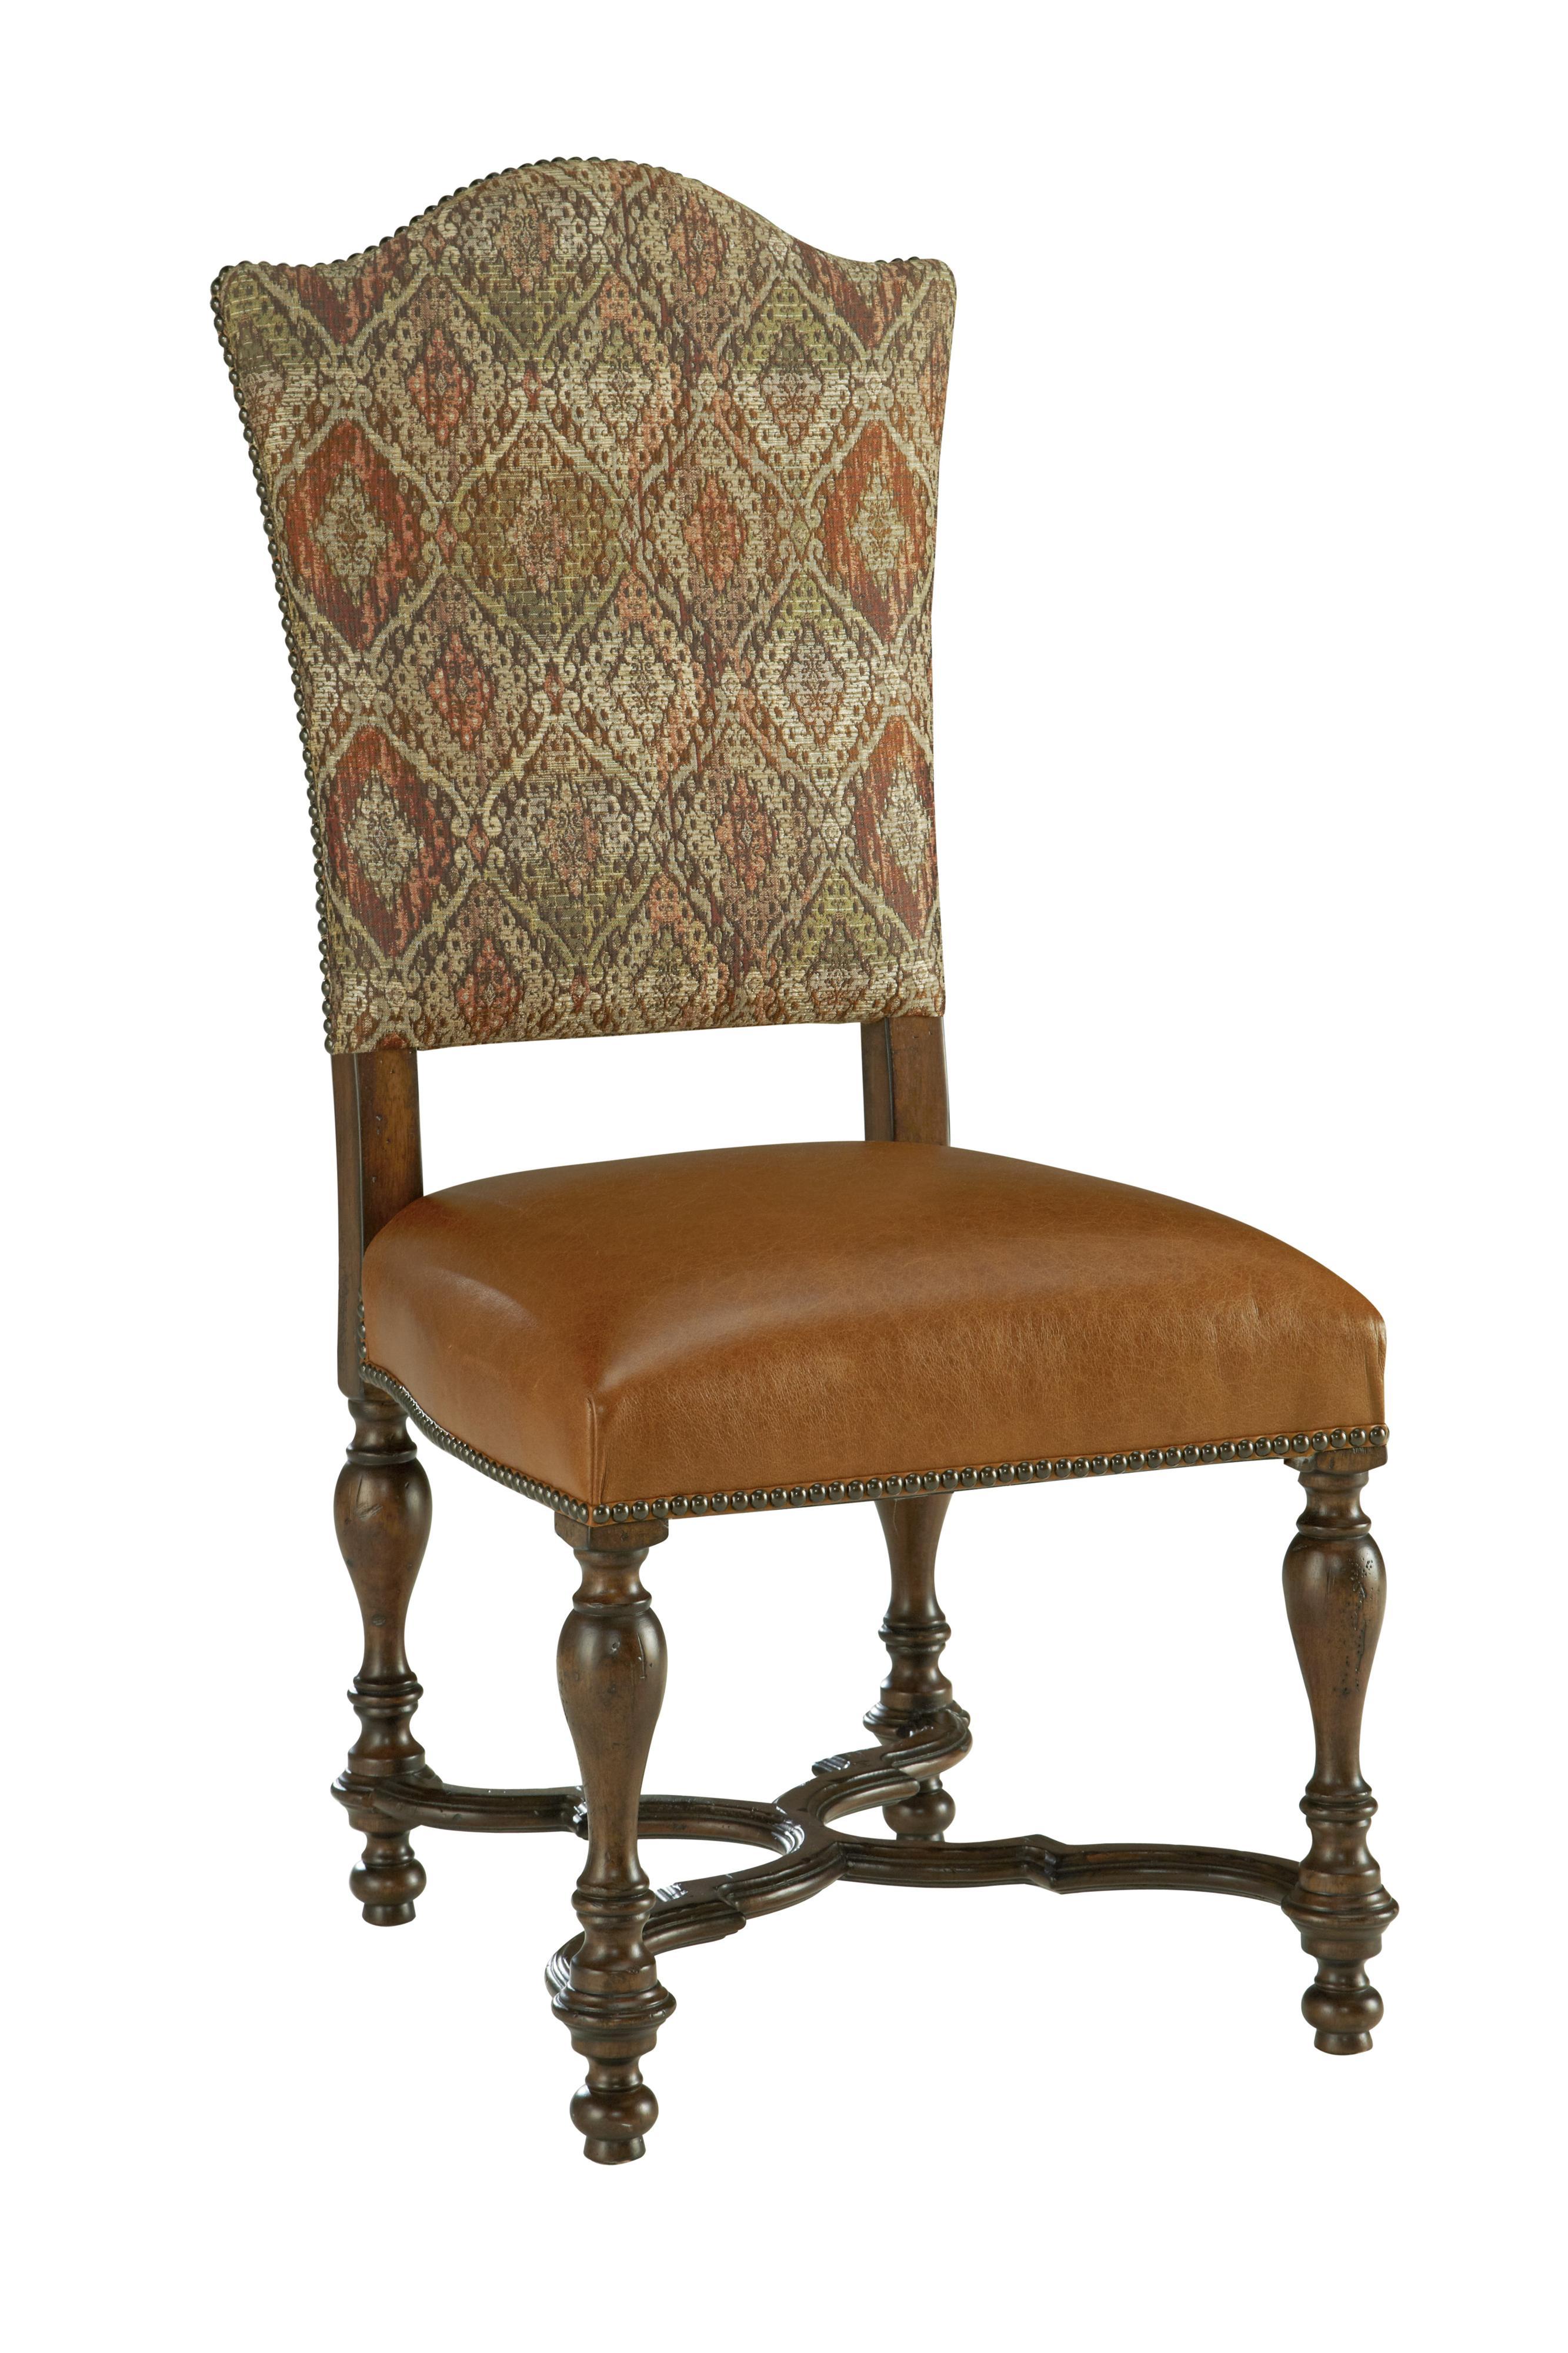 Fine Furniture Design Biltmore Hunt Club Square Dining